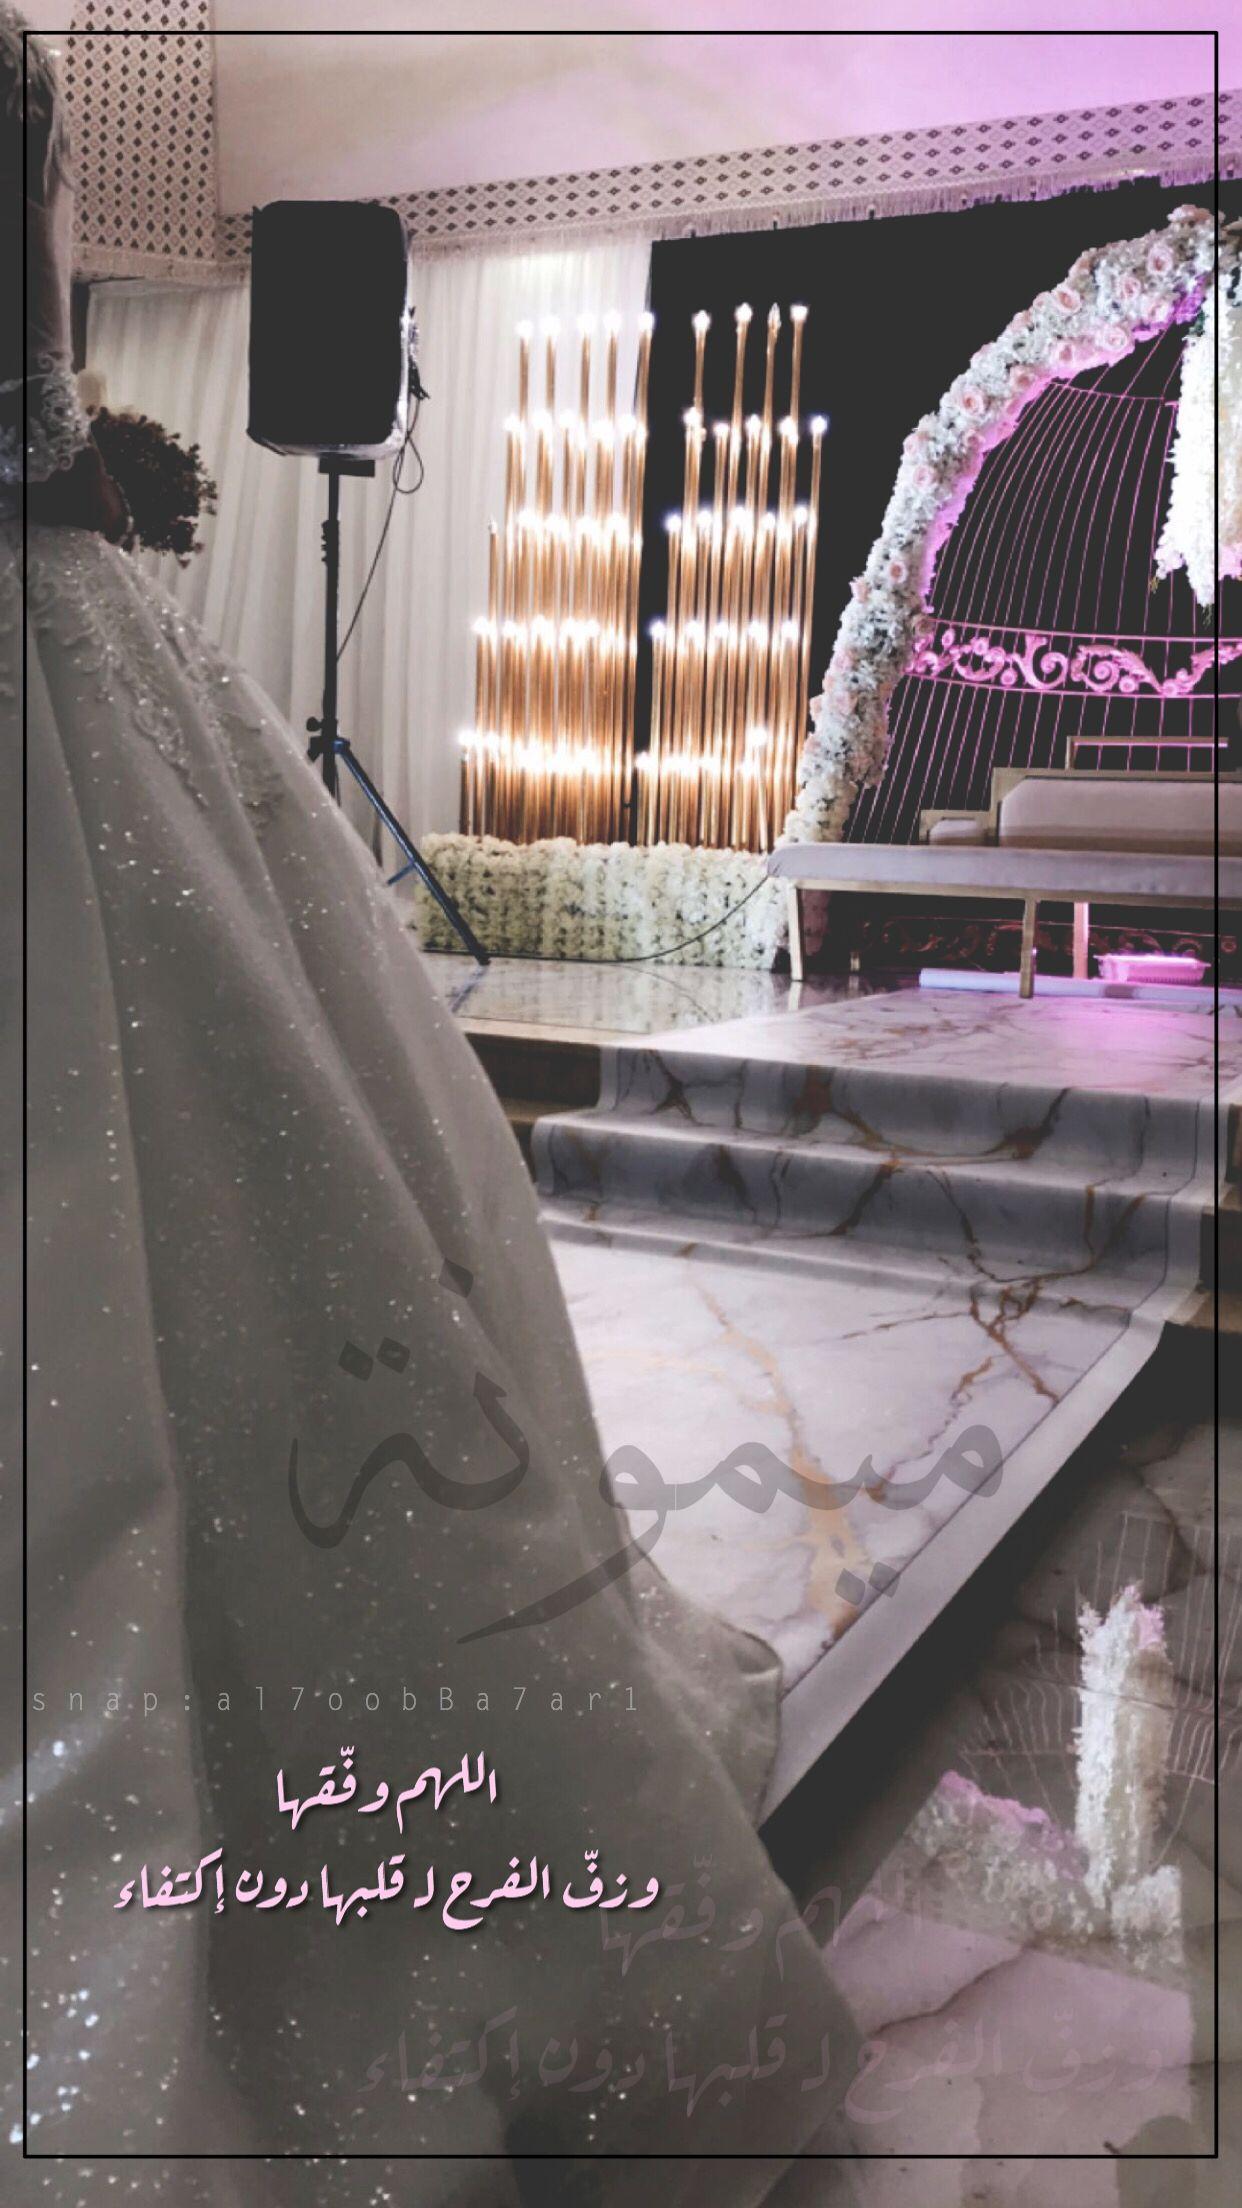 همسة اللهم وف قها و زف الفرح لـ قلبها دون إكتفاء تصويري تصويري سناب تصميمي تصميم دعاء ديكور ك Arab Wedding Arabian Wedding Bride Pictures